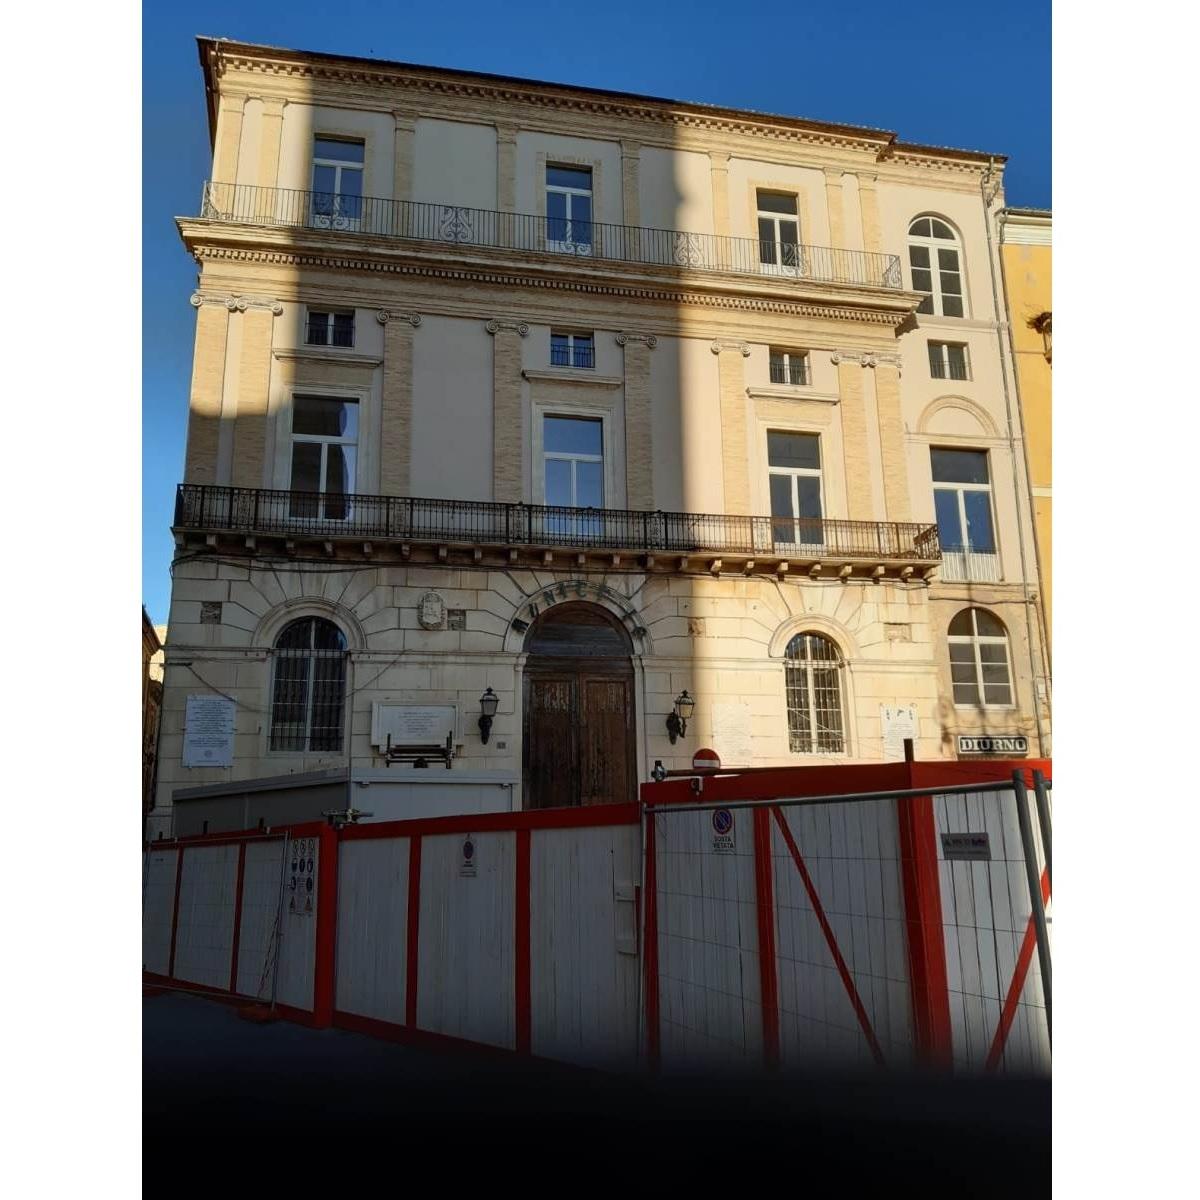 Sopralluogo a Palazzo d'Achille a Chieti foto